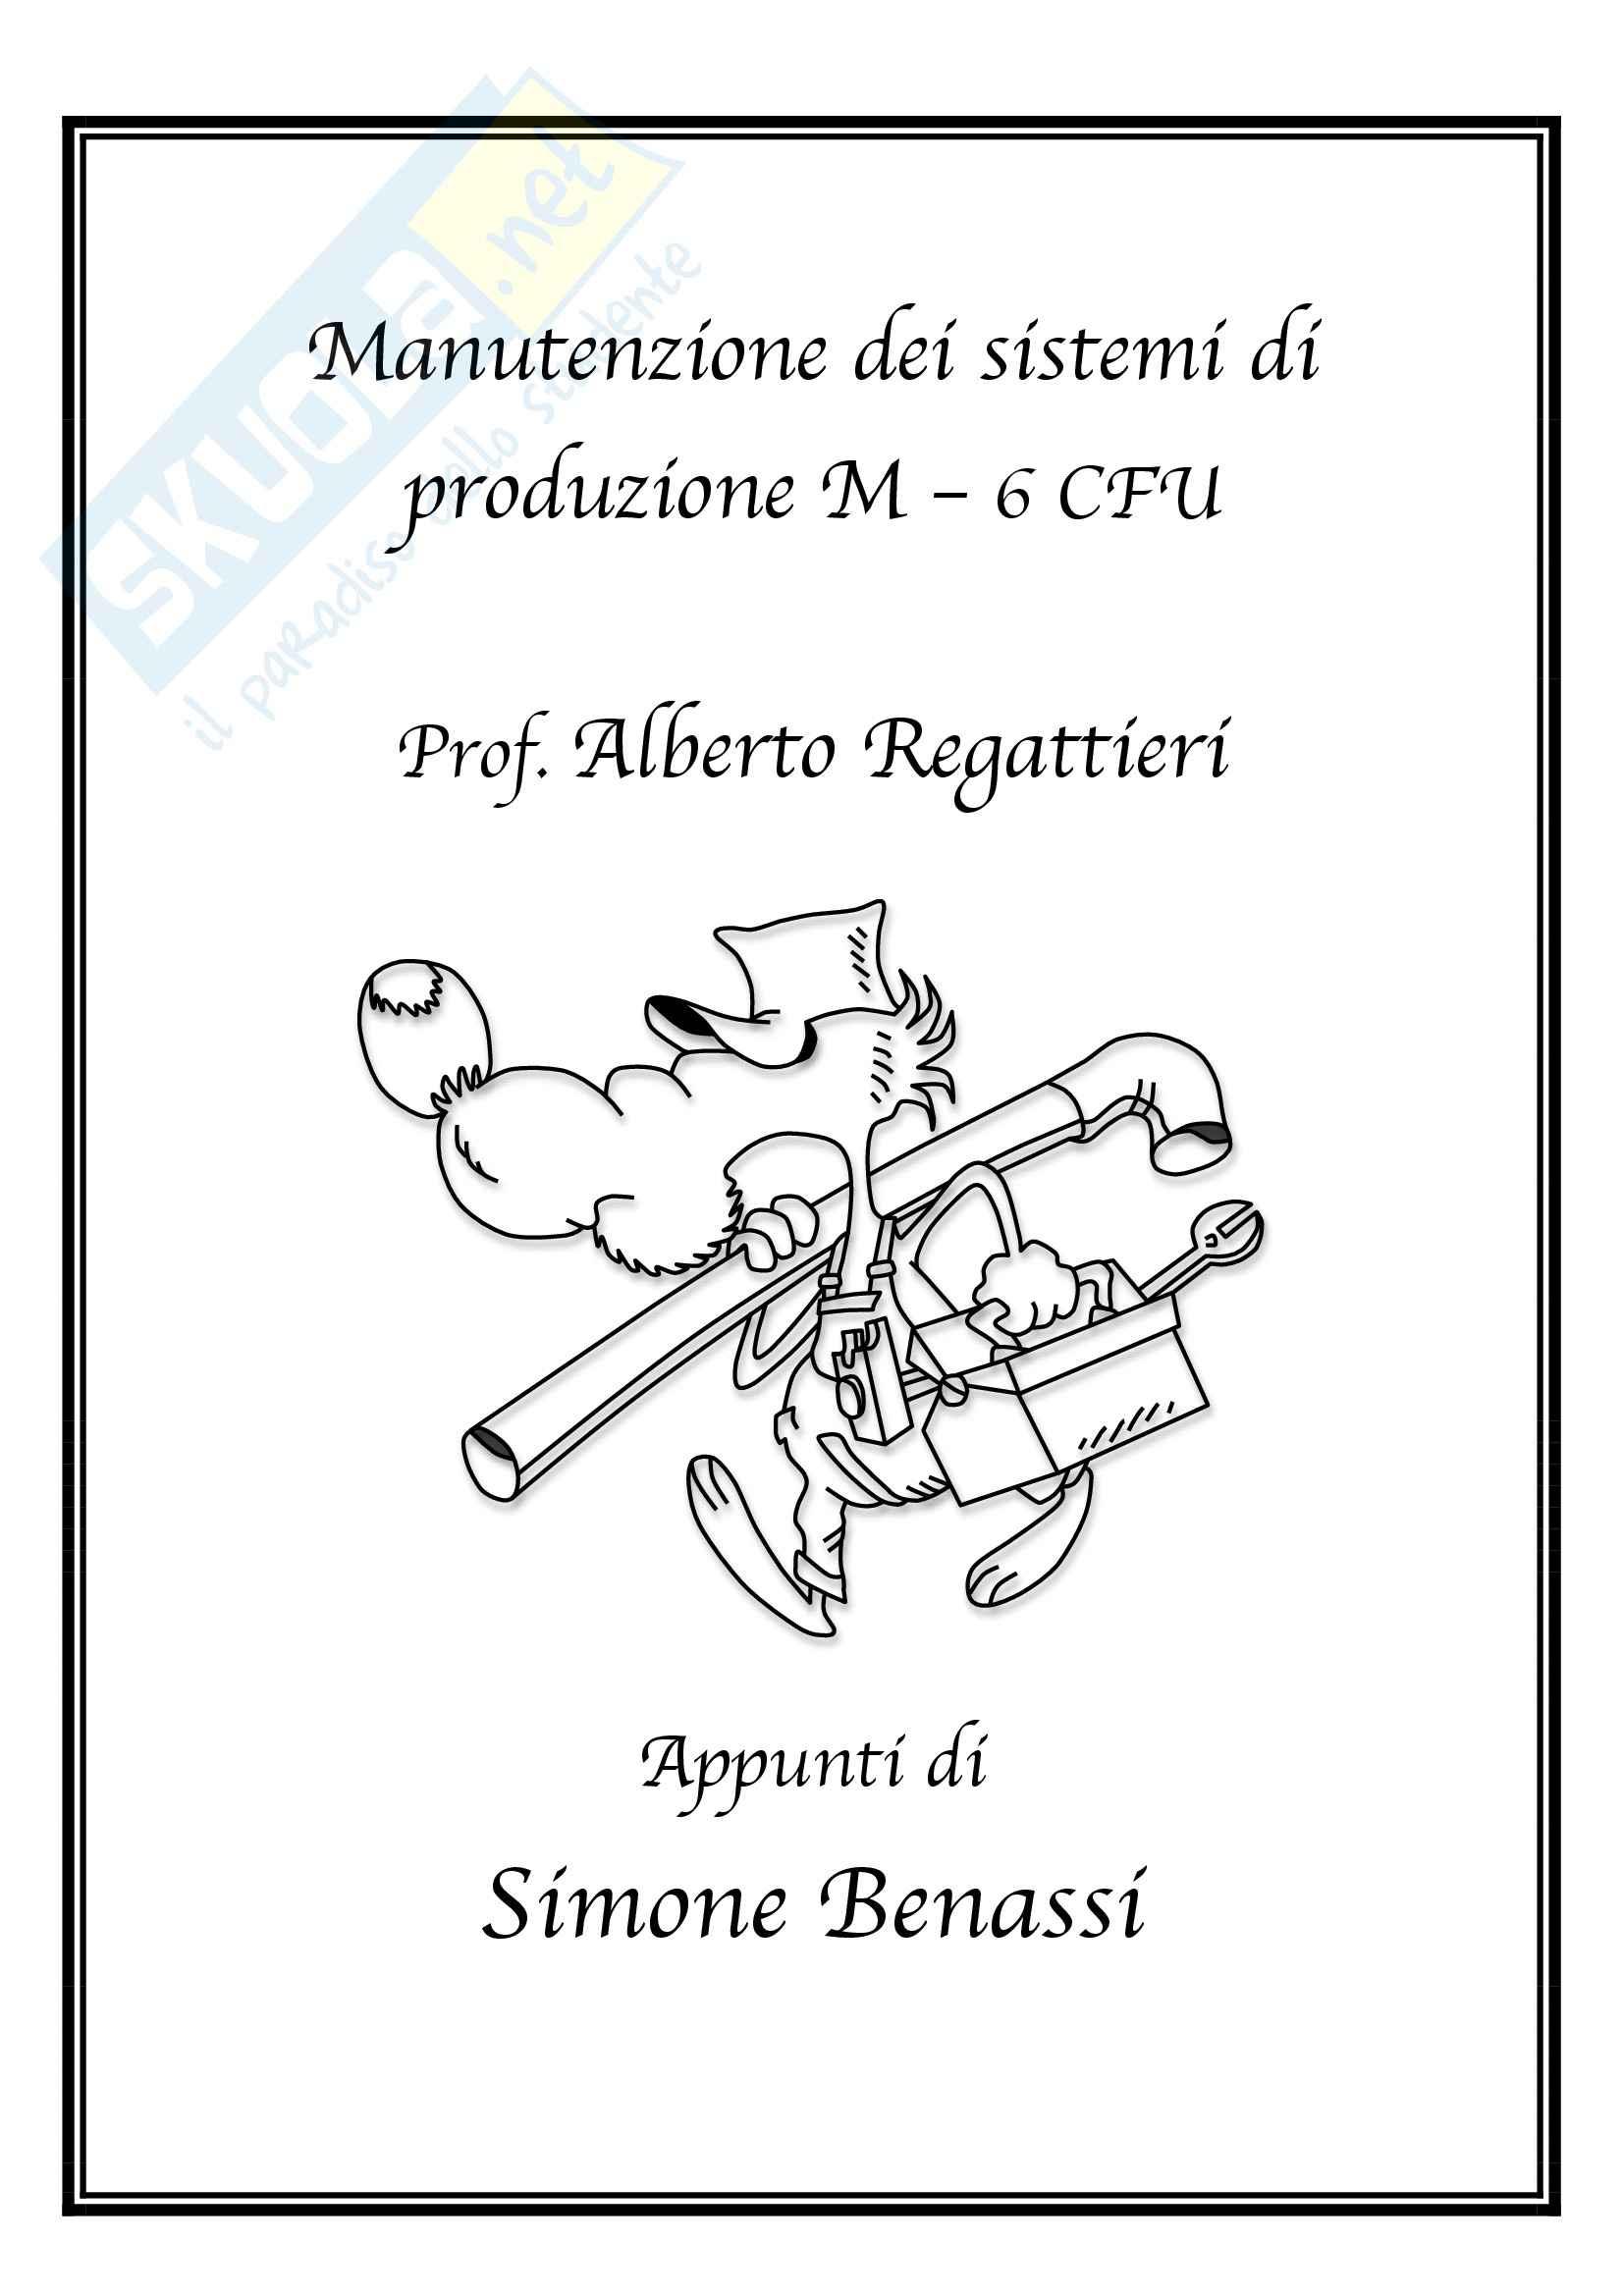 Lezioni, Manutenzione dei sistemi di produzione M